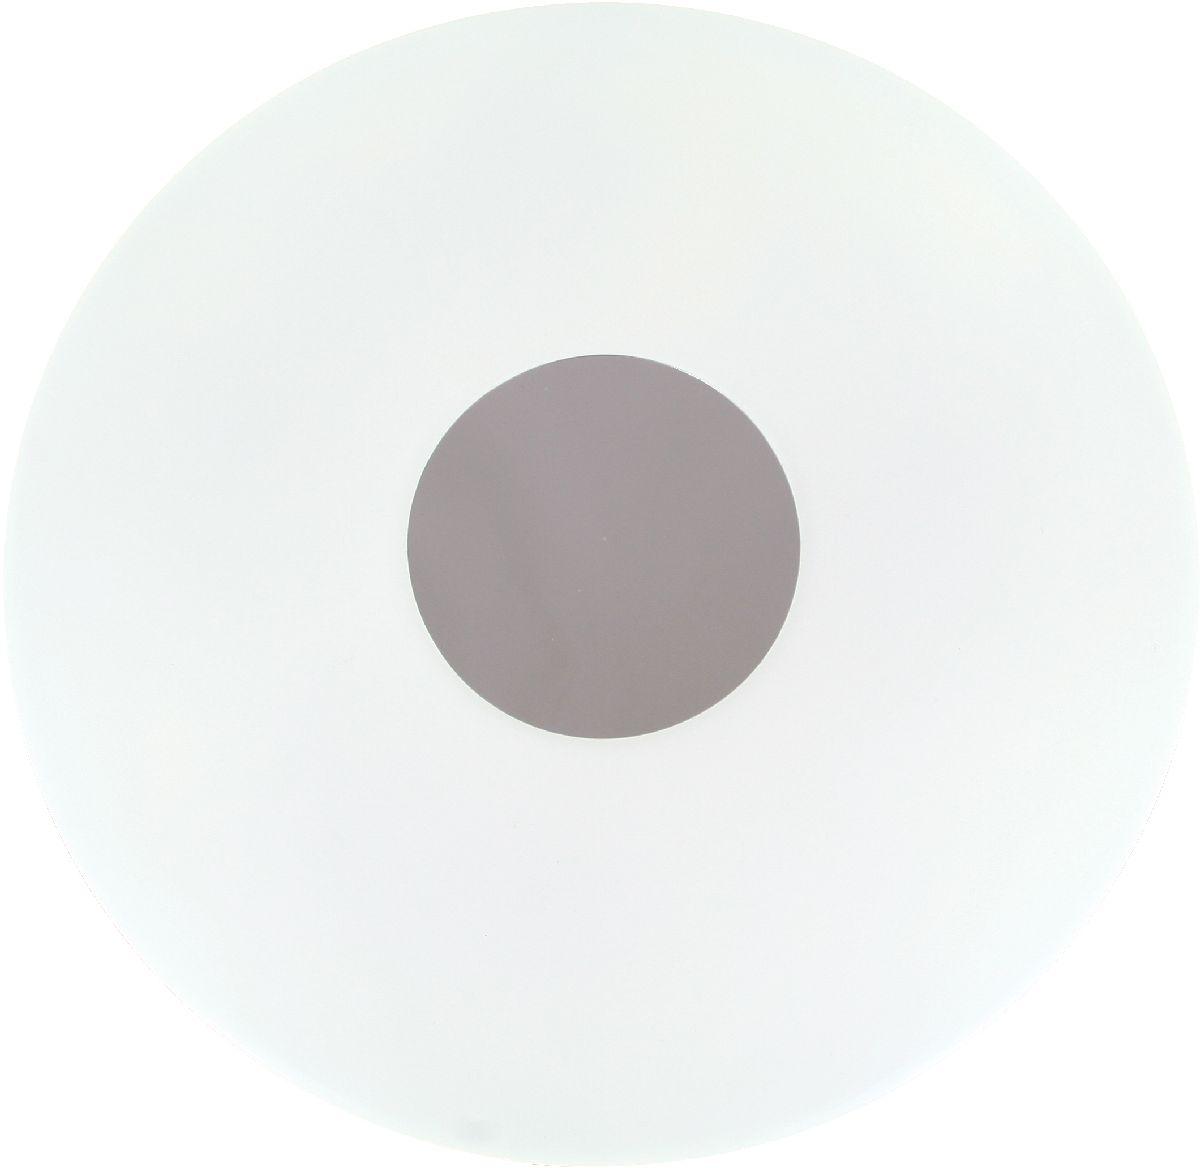 Светильник настенно-потолочный Camelion LBS-0405, LED, 36W, 4500K. 1268212682